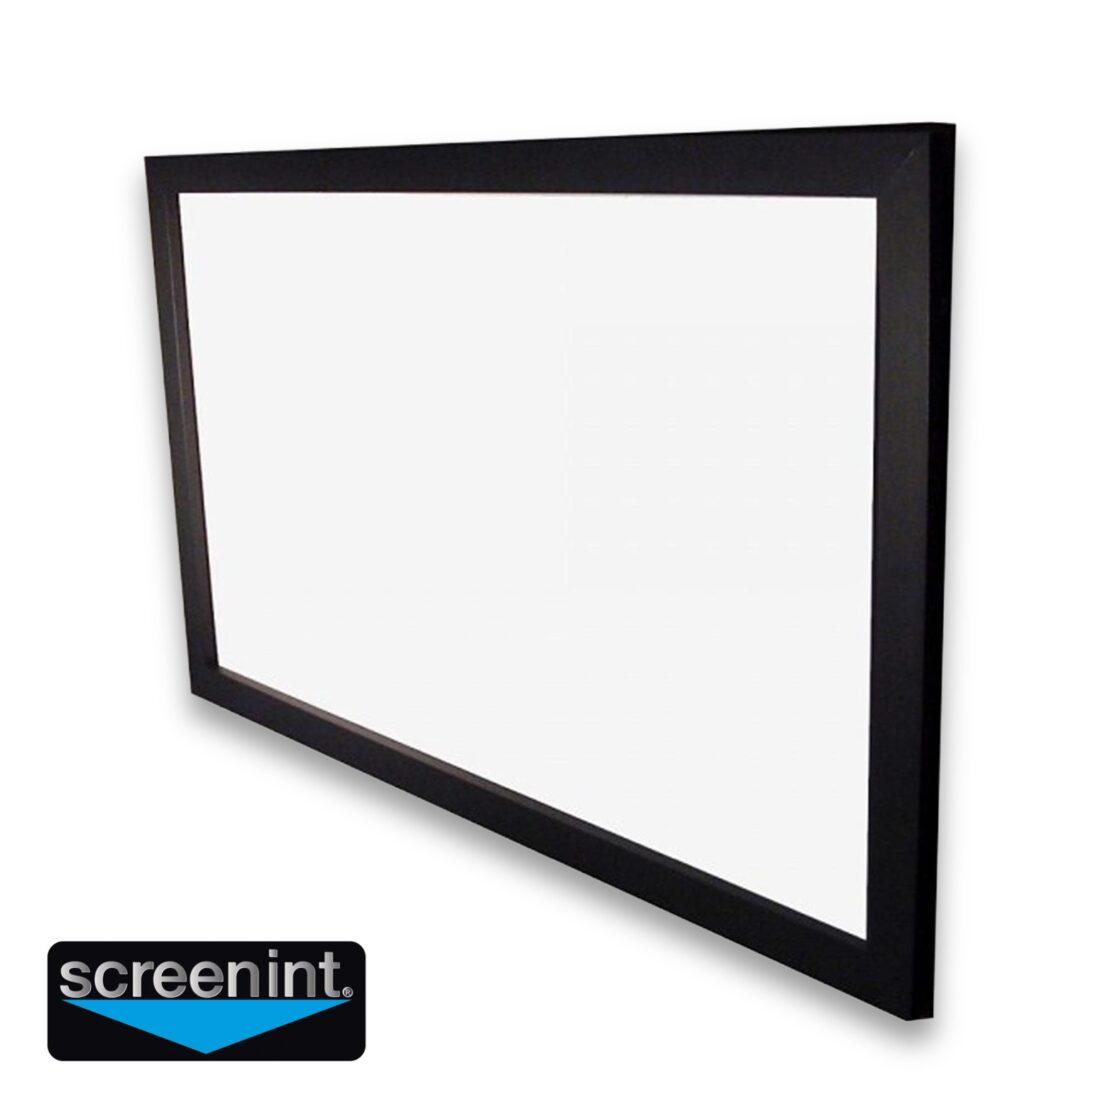 SI Modigliani Fixed frame